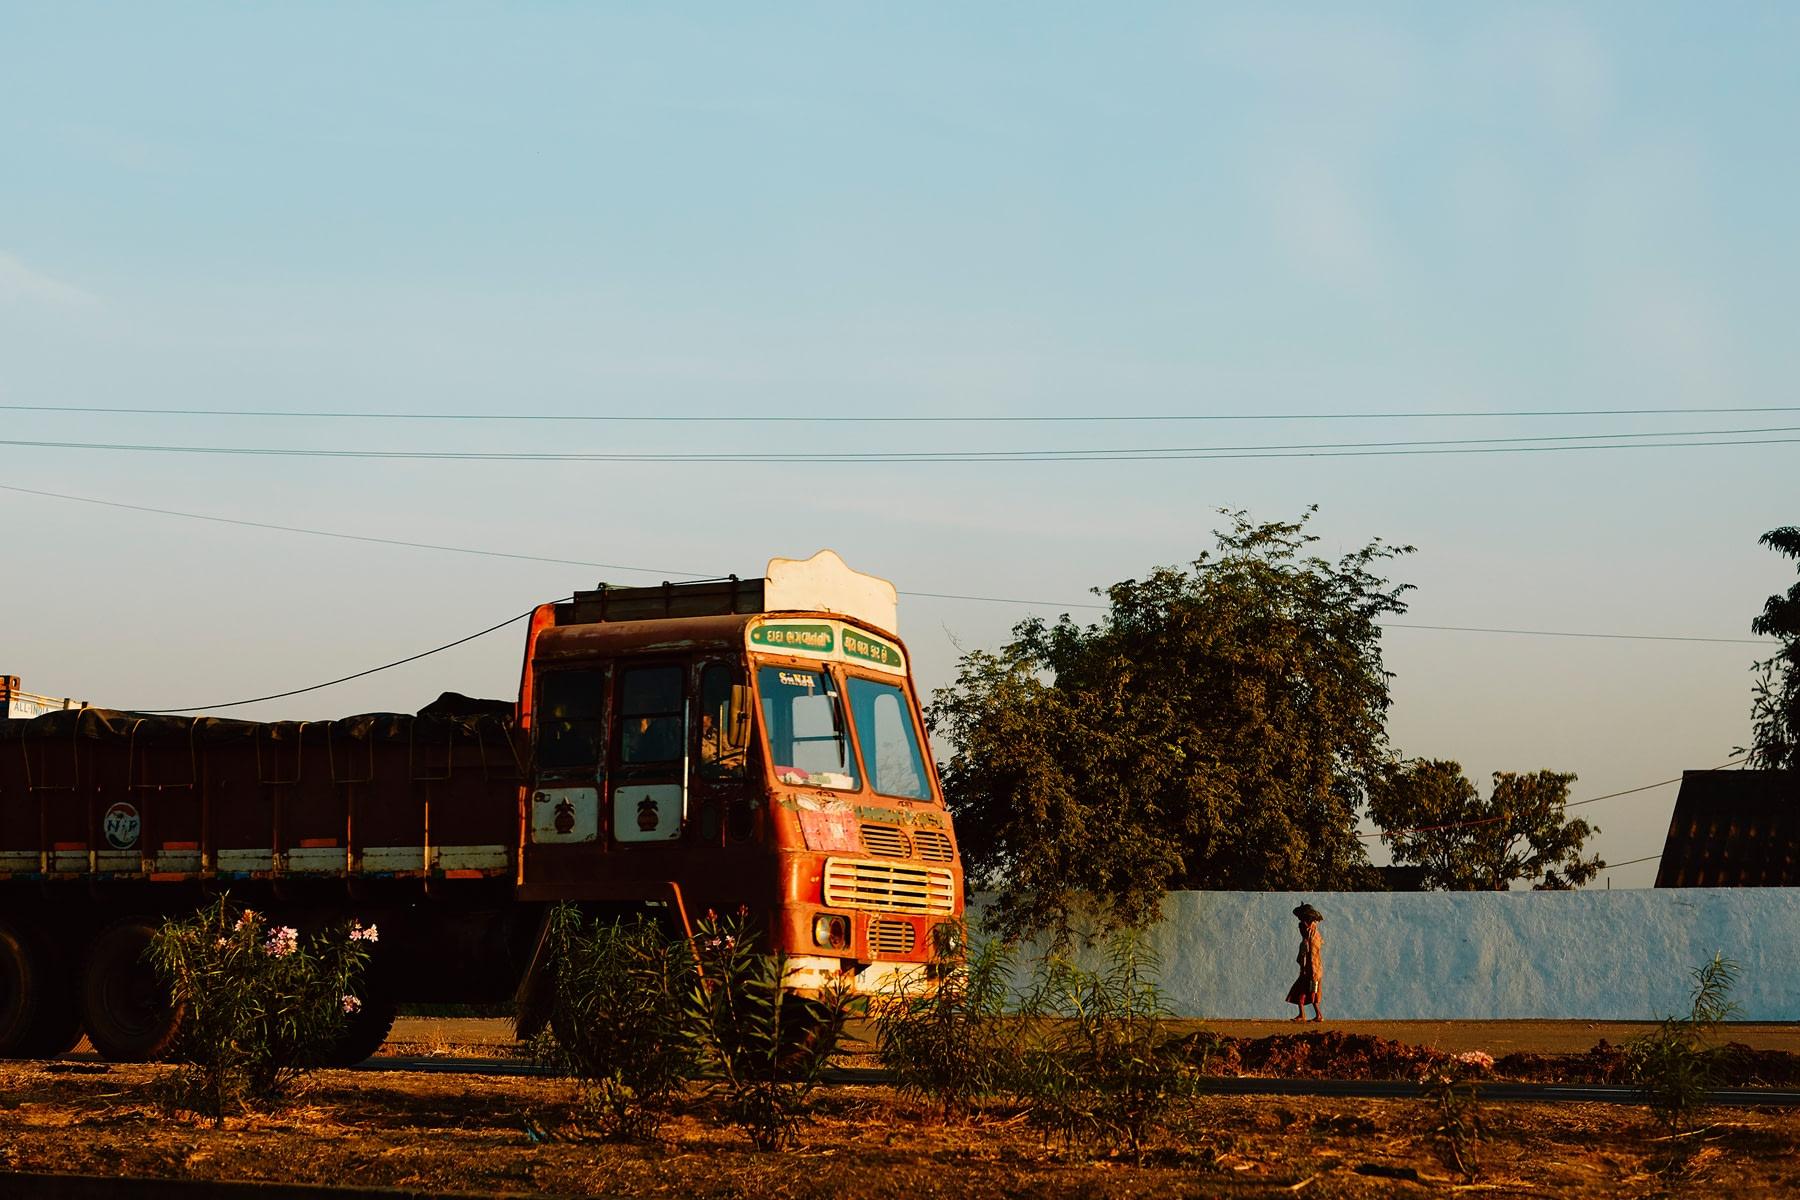 Matt_Russell_India_Road_Car